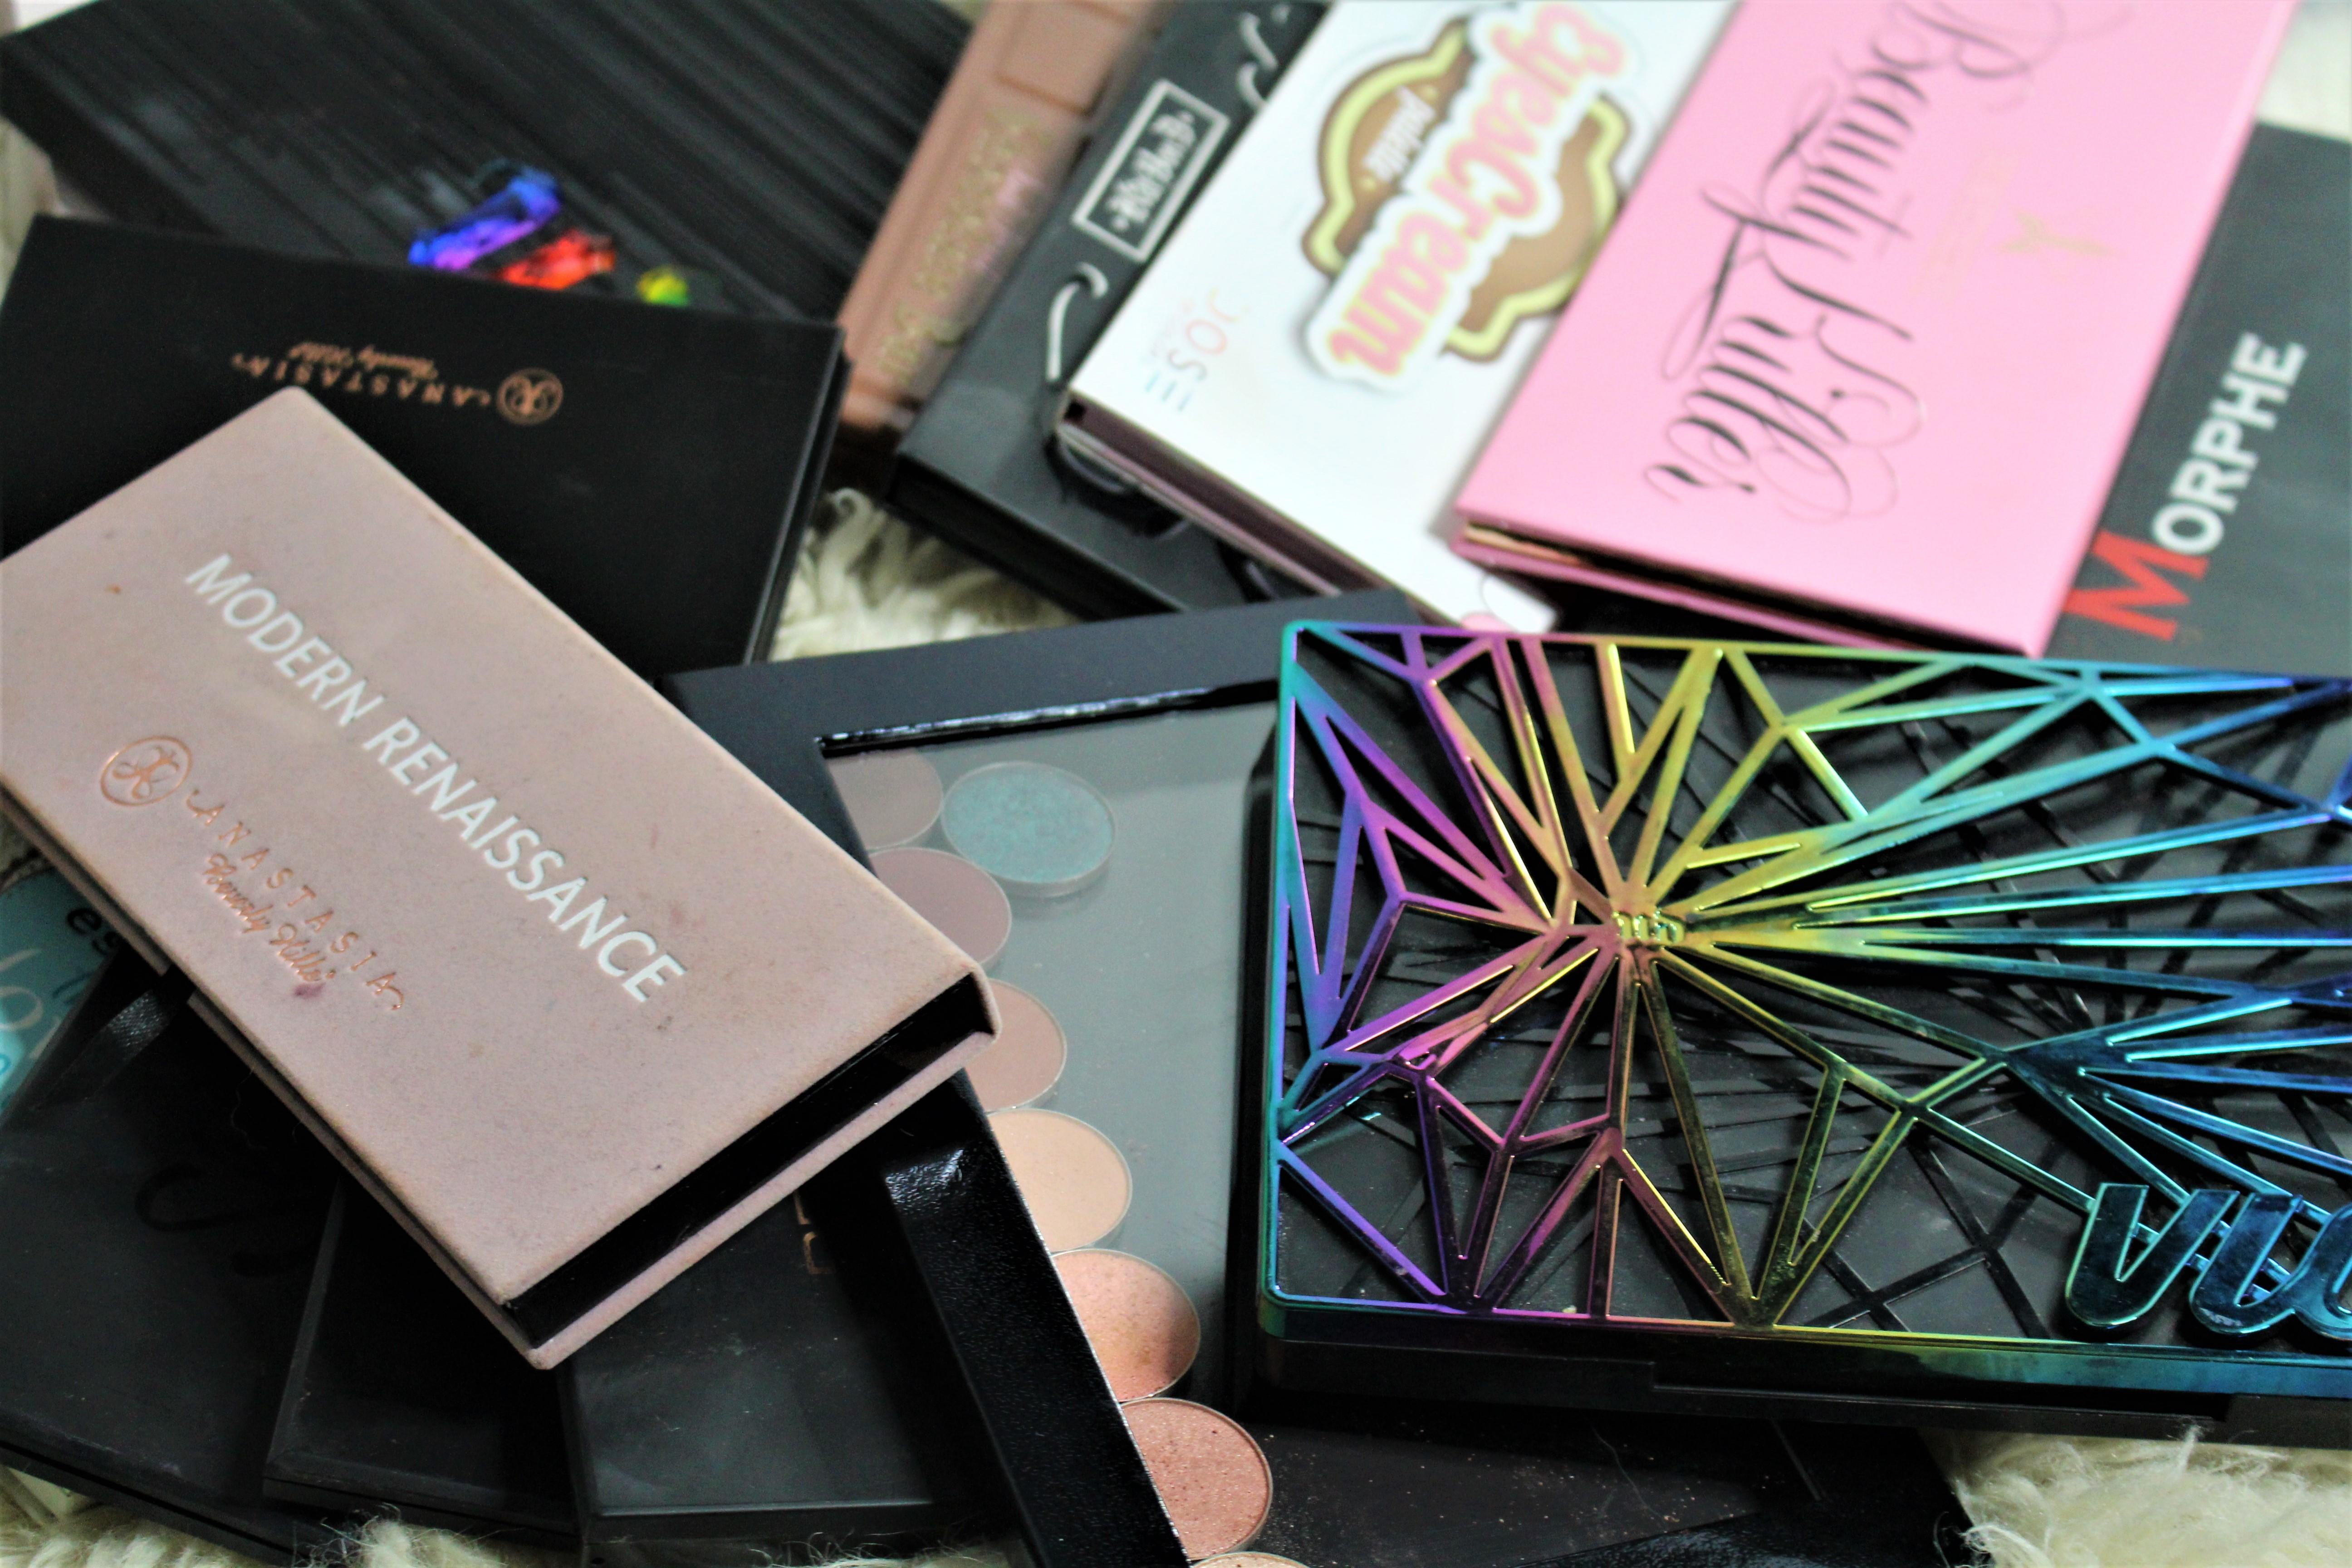 Make-up updates | Deze make-up merken zijn nu makkelijker te krijgen